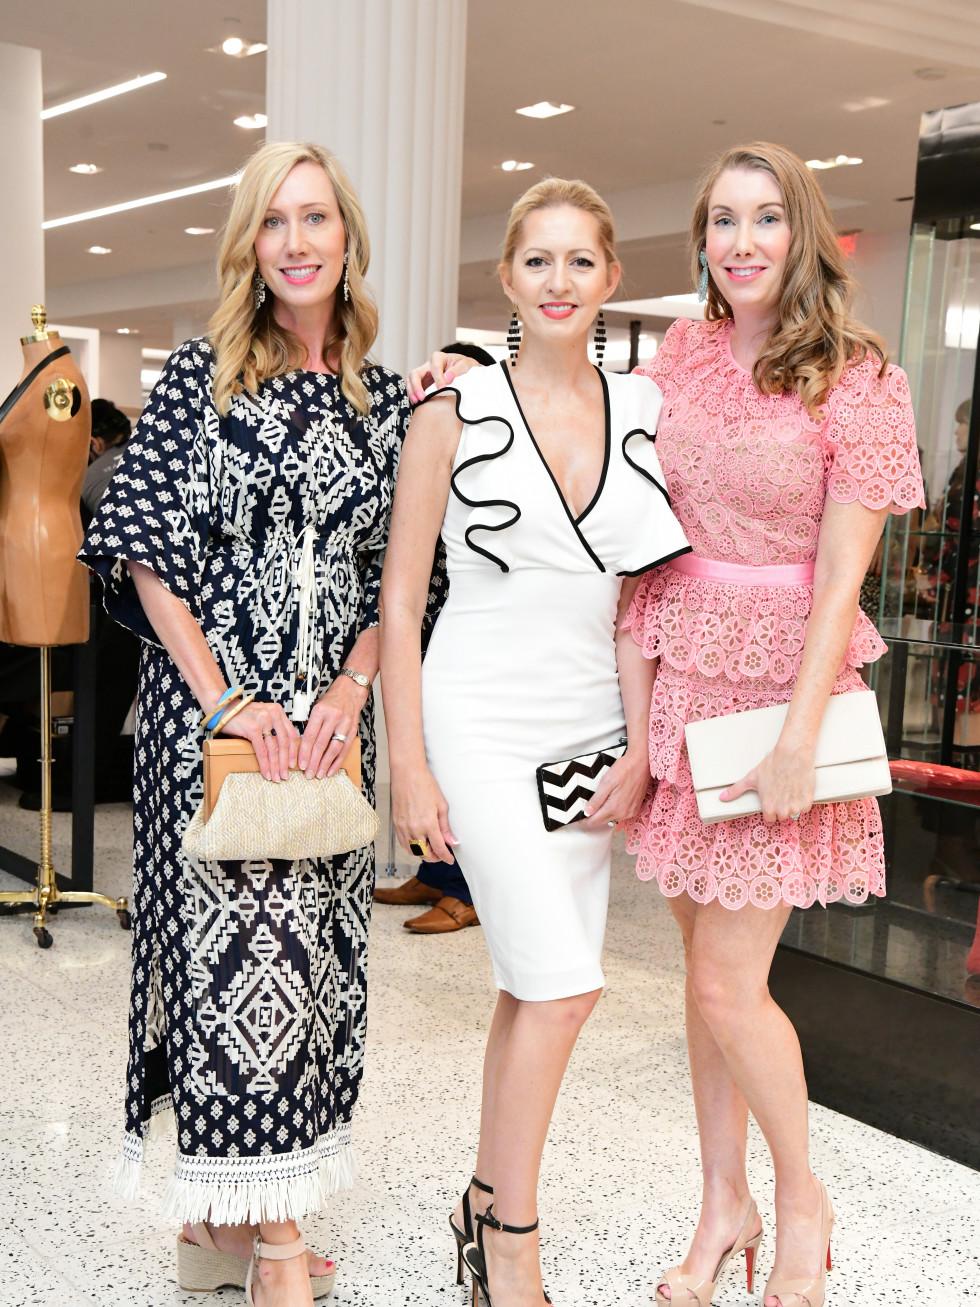 Summer Soiree Dress for Success WOW Tootsies Dianna McMinn, Stefanie Cox, Tiffany Hawthorne